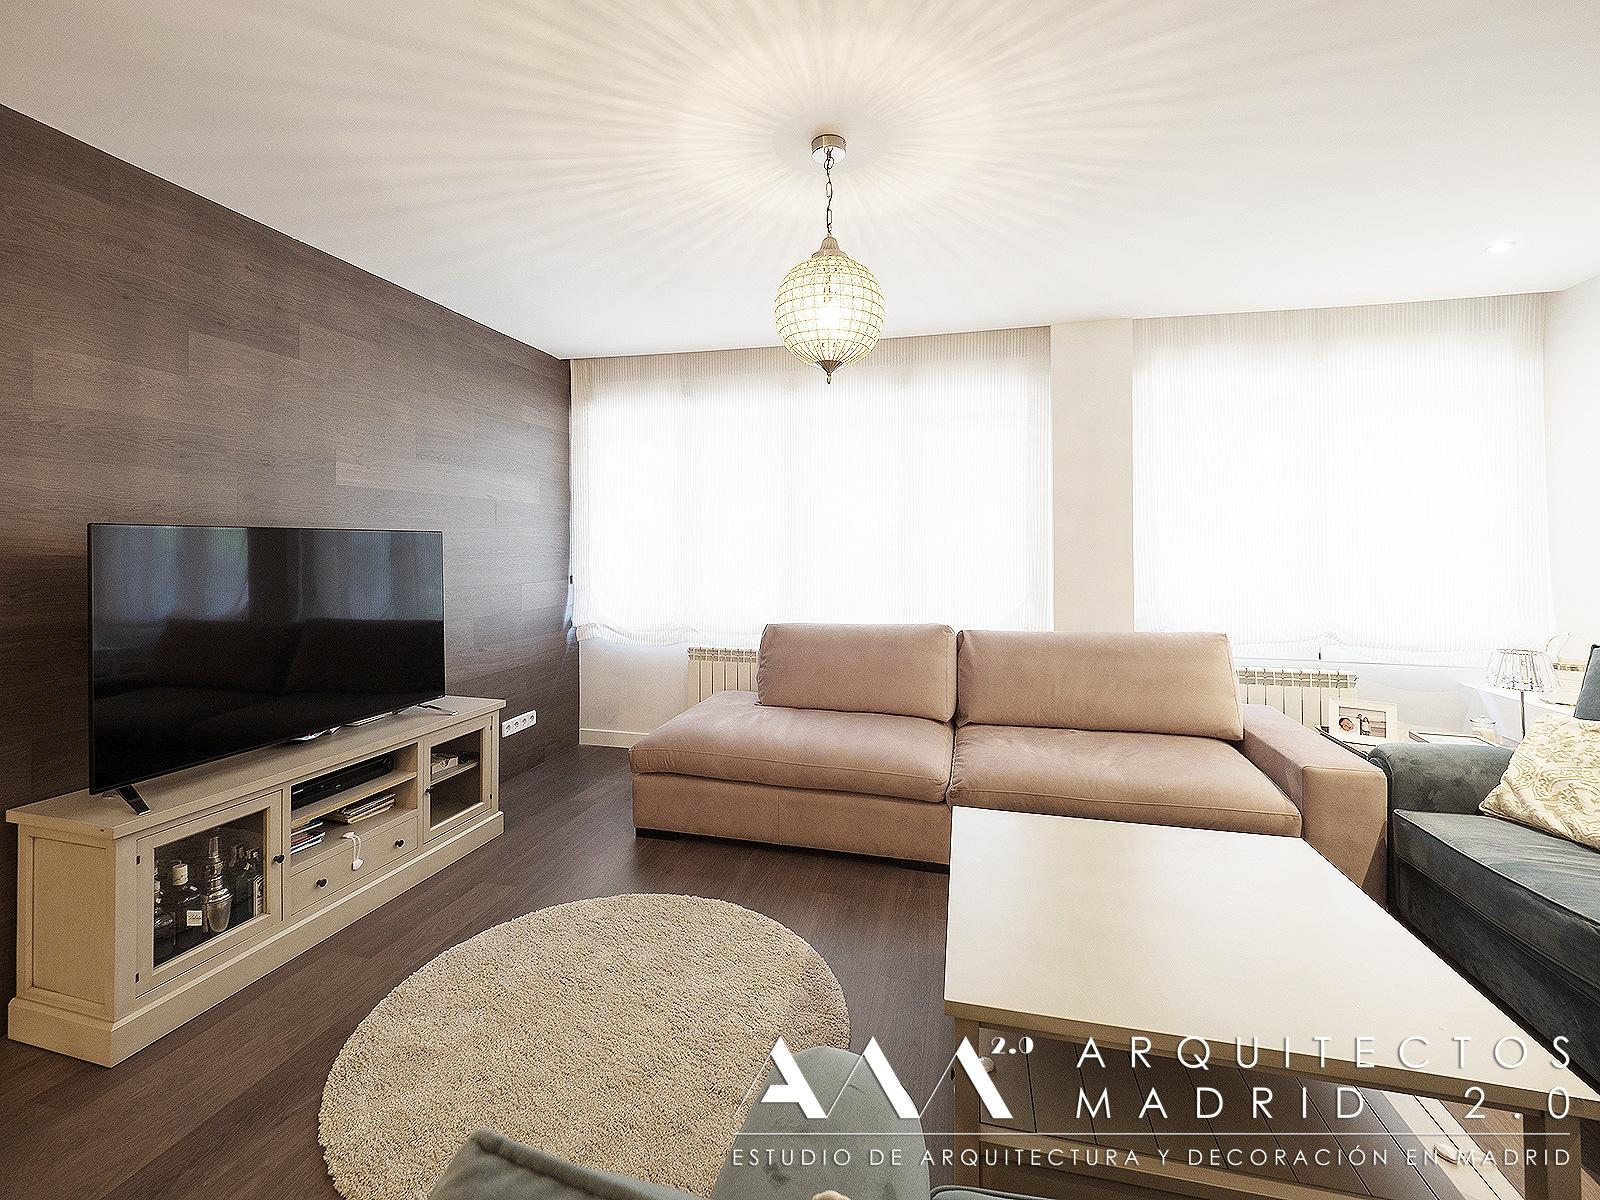 reforma-convertir-oficina-en-vivienda-arquitectos-madrid-02